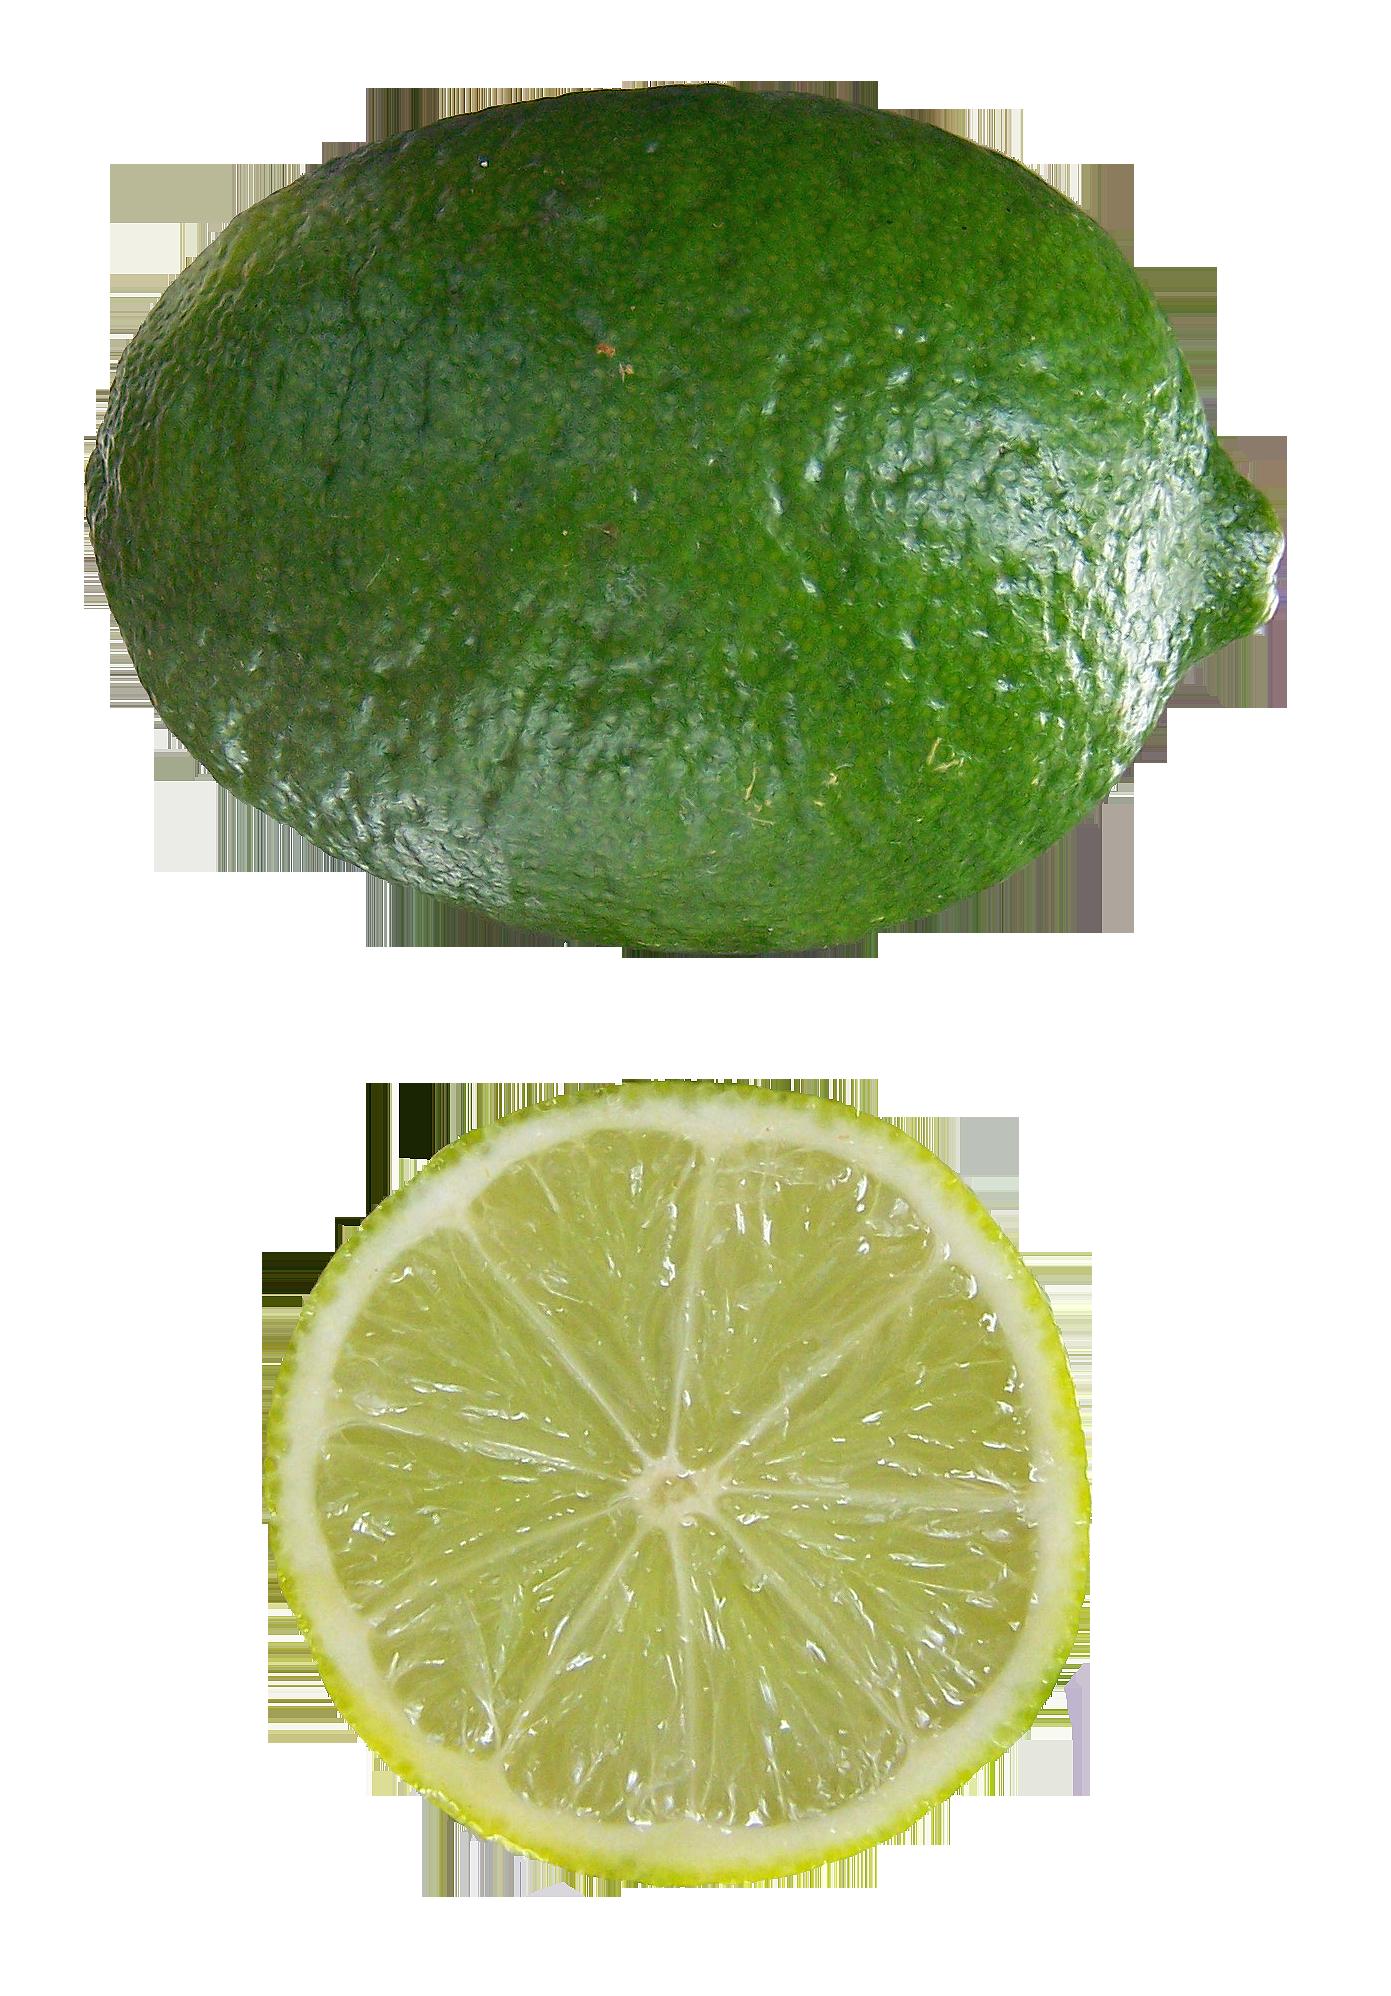 File:Citrus aurantifolia Mexican Lime.png